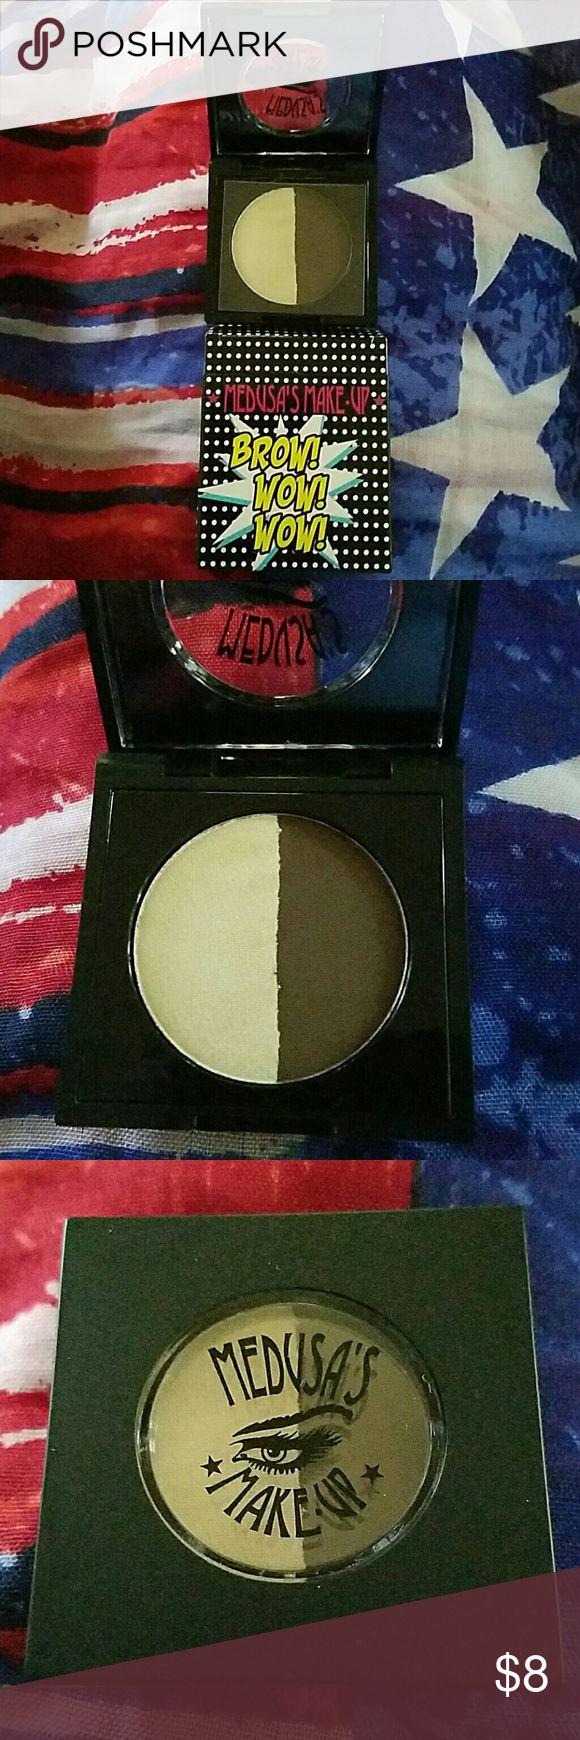 Medusa Make-up BRAND-NEW Brow Wow Wow brow definer & highlighter CRUELTY FREE & VEGAN Medusa Makeup Eyebrow Filler